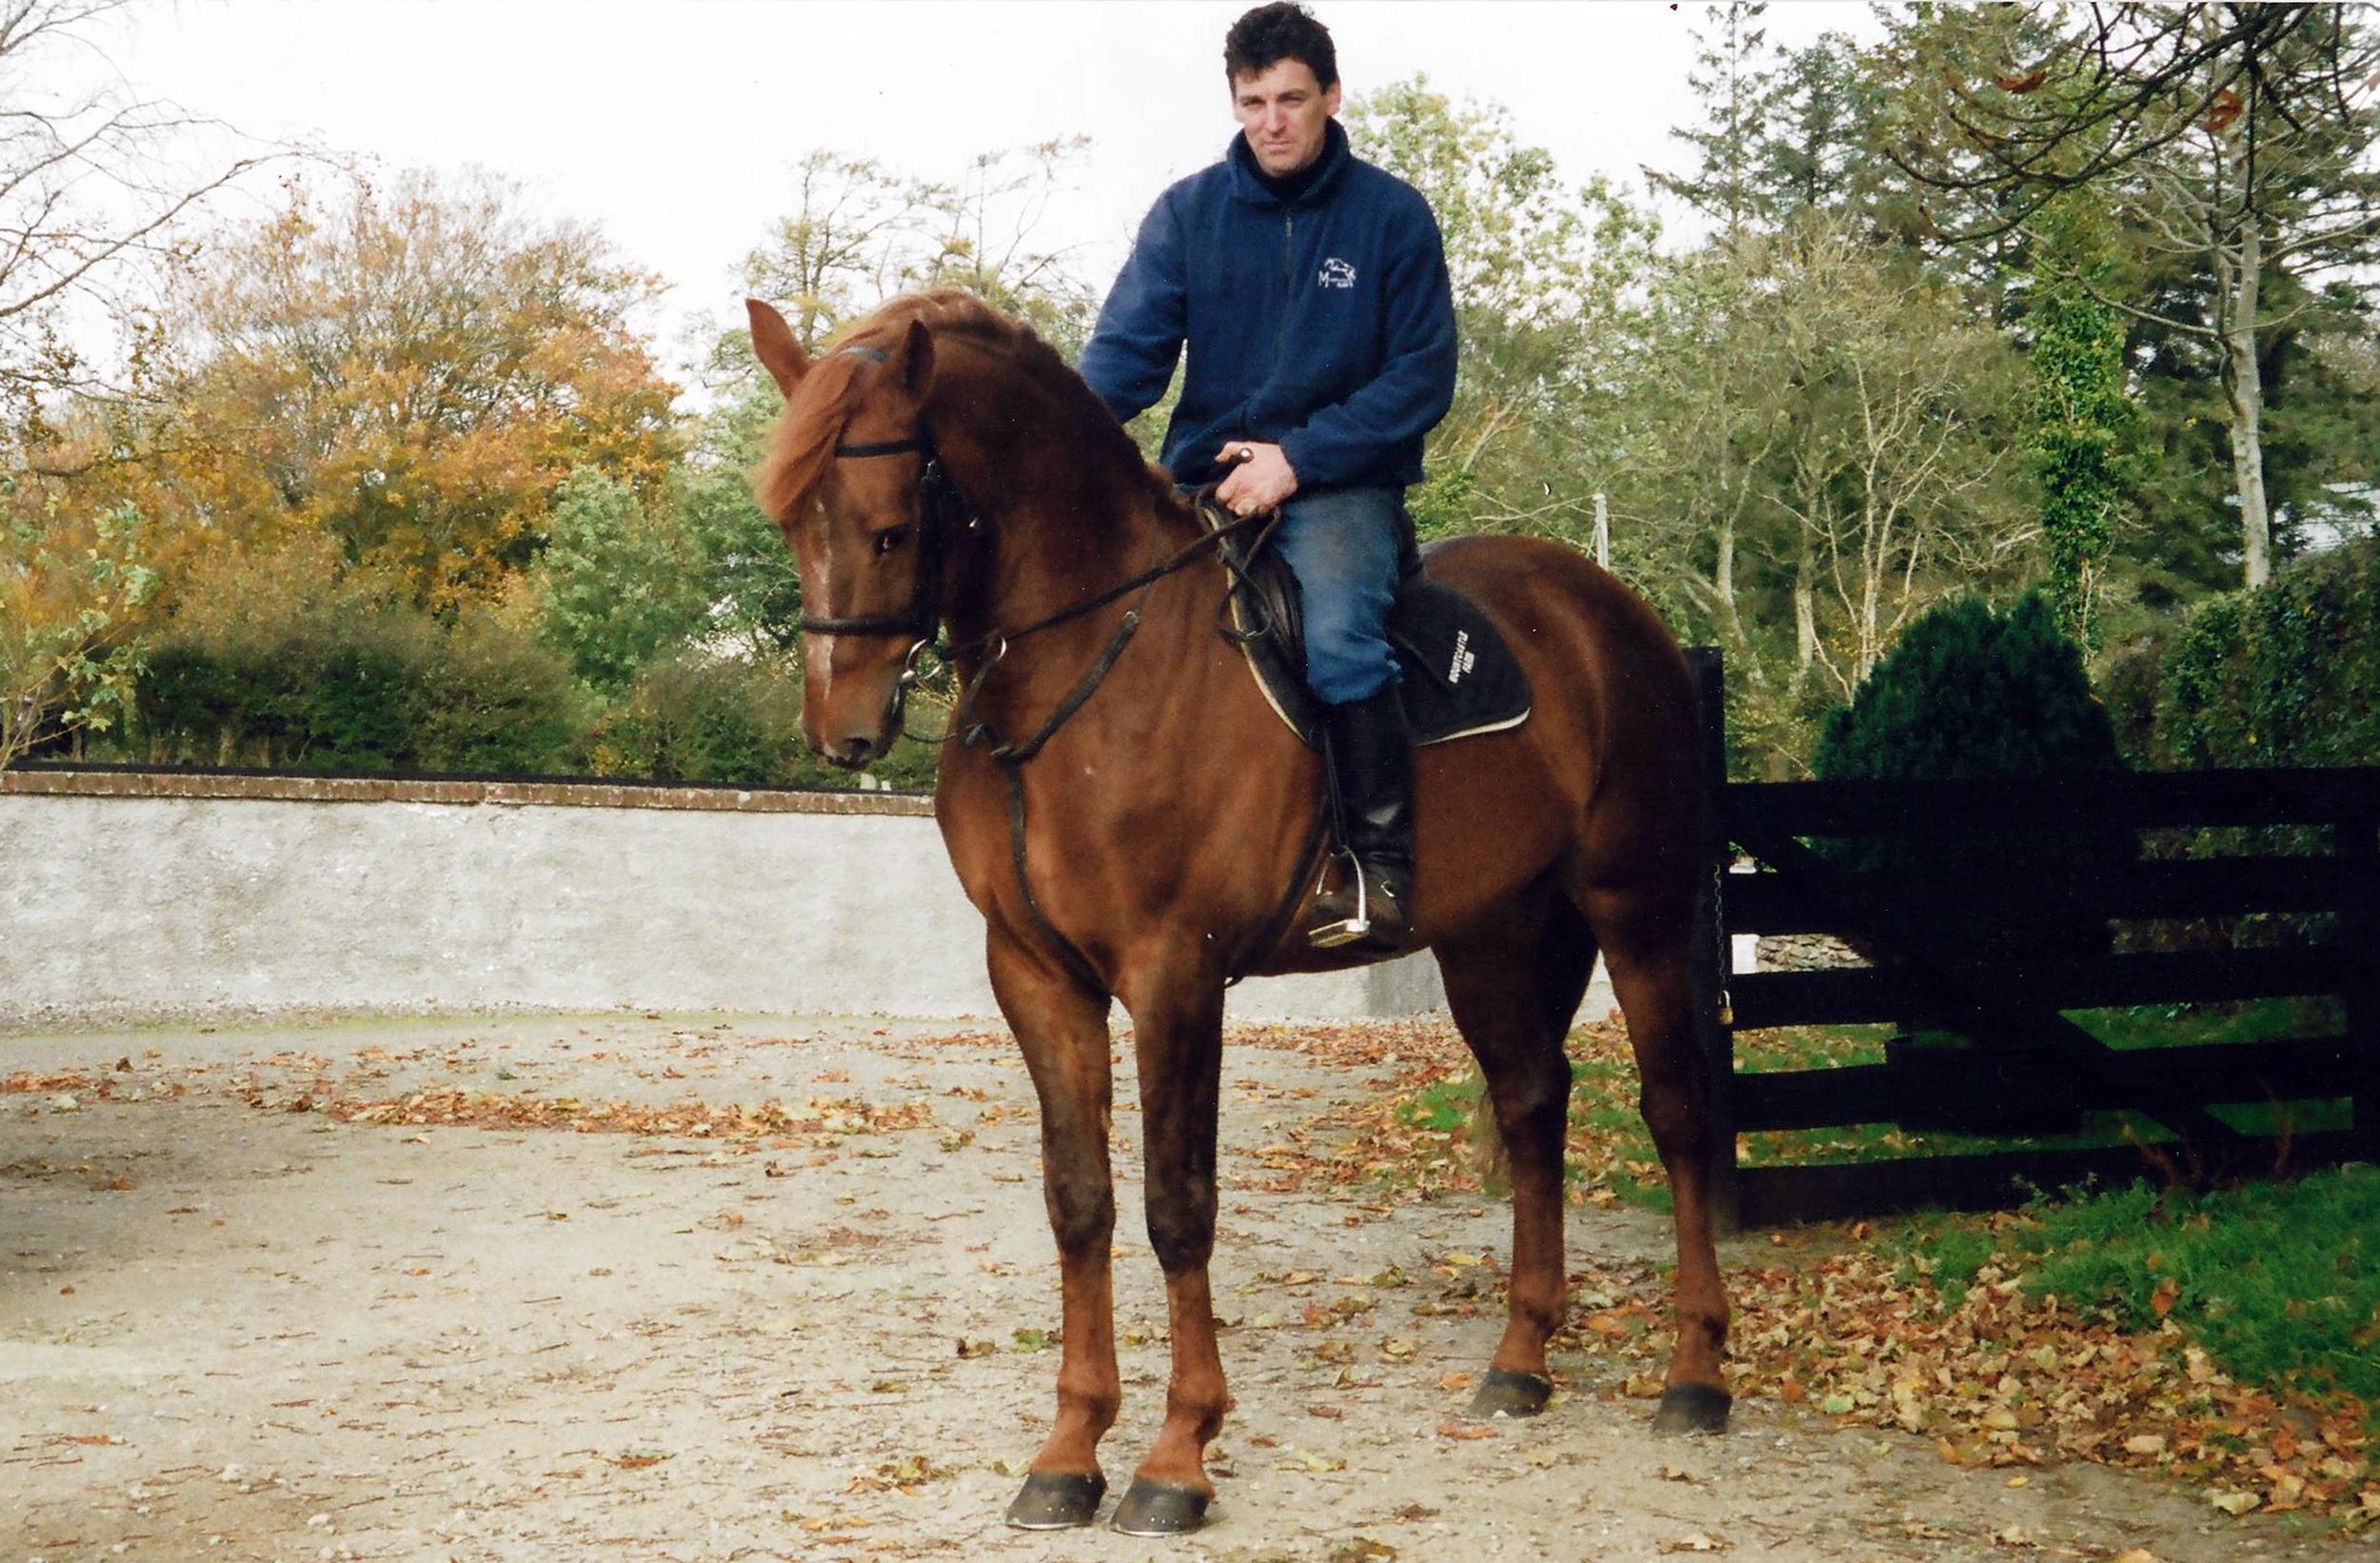 MF Horses - DScott GClover.jpg